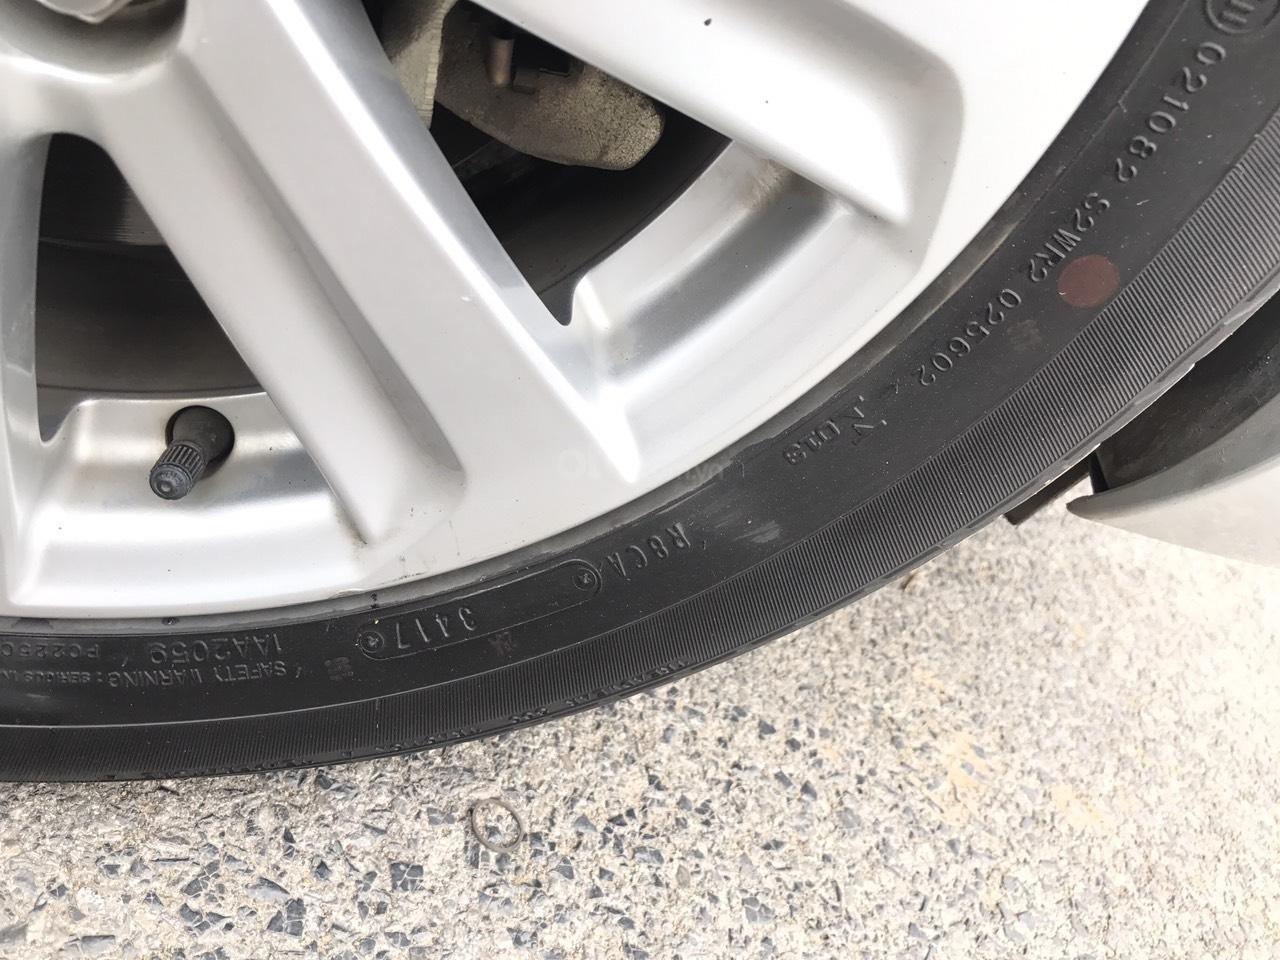 Bán xe Toyota Vios 1.5E CVT 2017, màu bạc, 1 chủ không lỗi nhỏ, xe mới cứng (23)